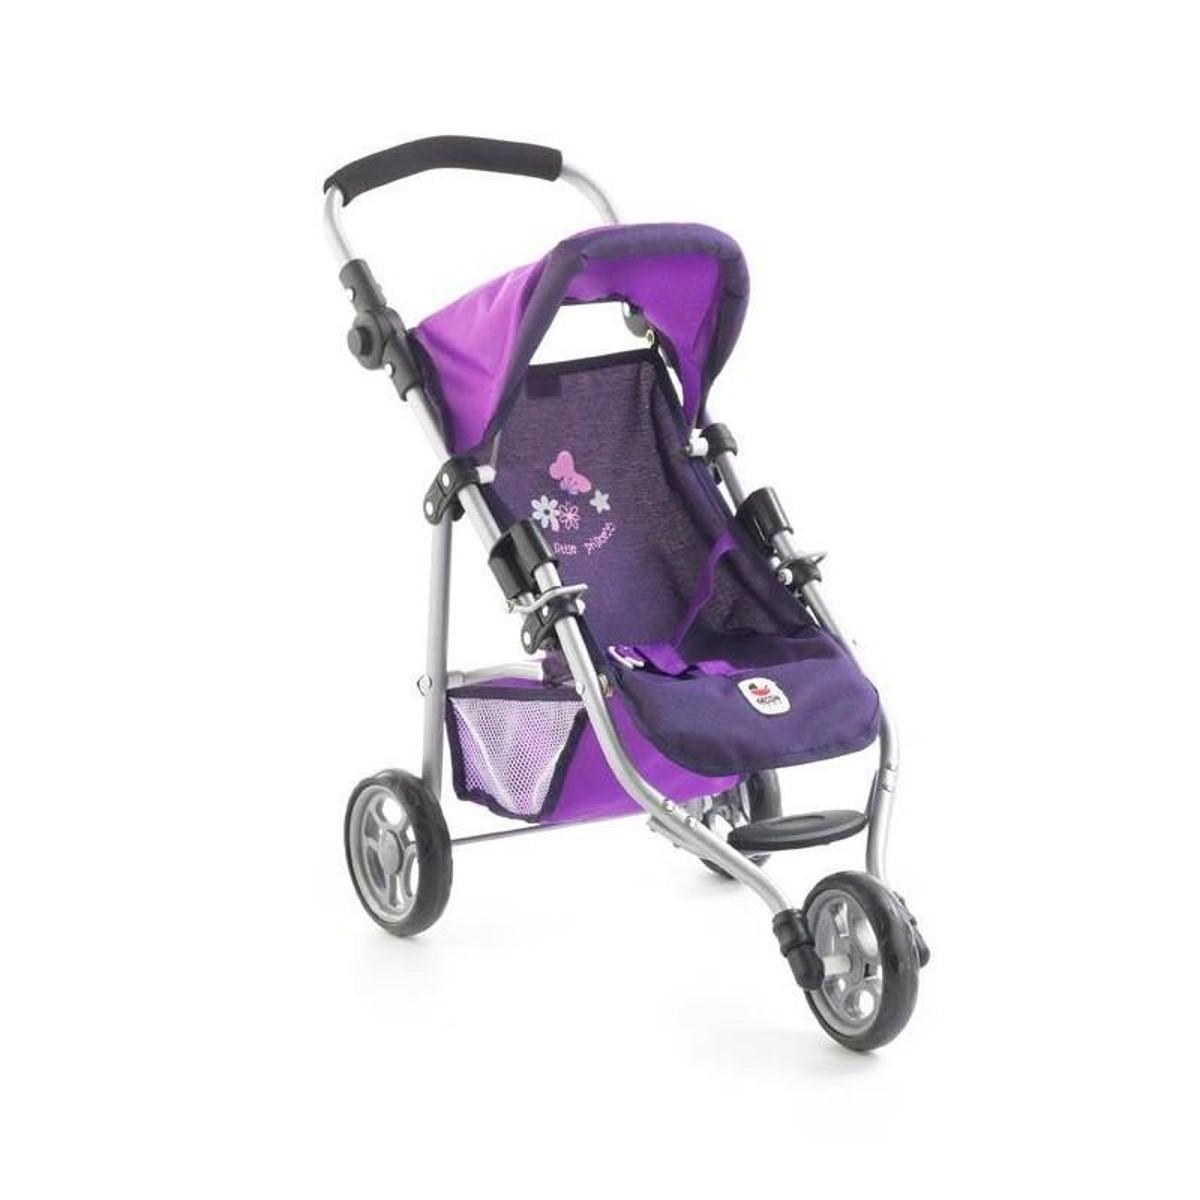 (Art. poupées) 612 25 Petite poussette de jogging LOLA - Violet